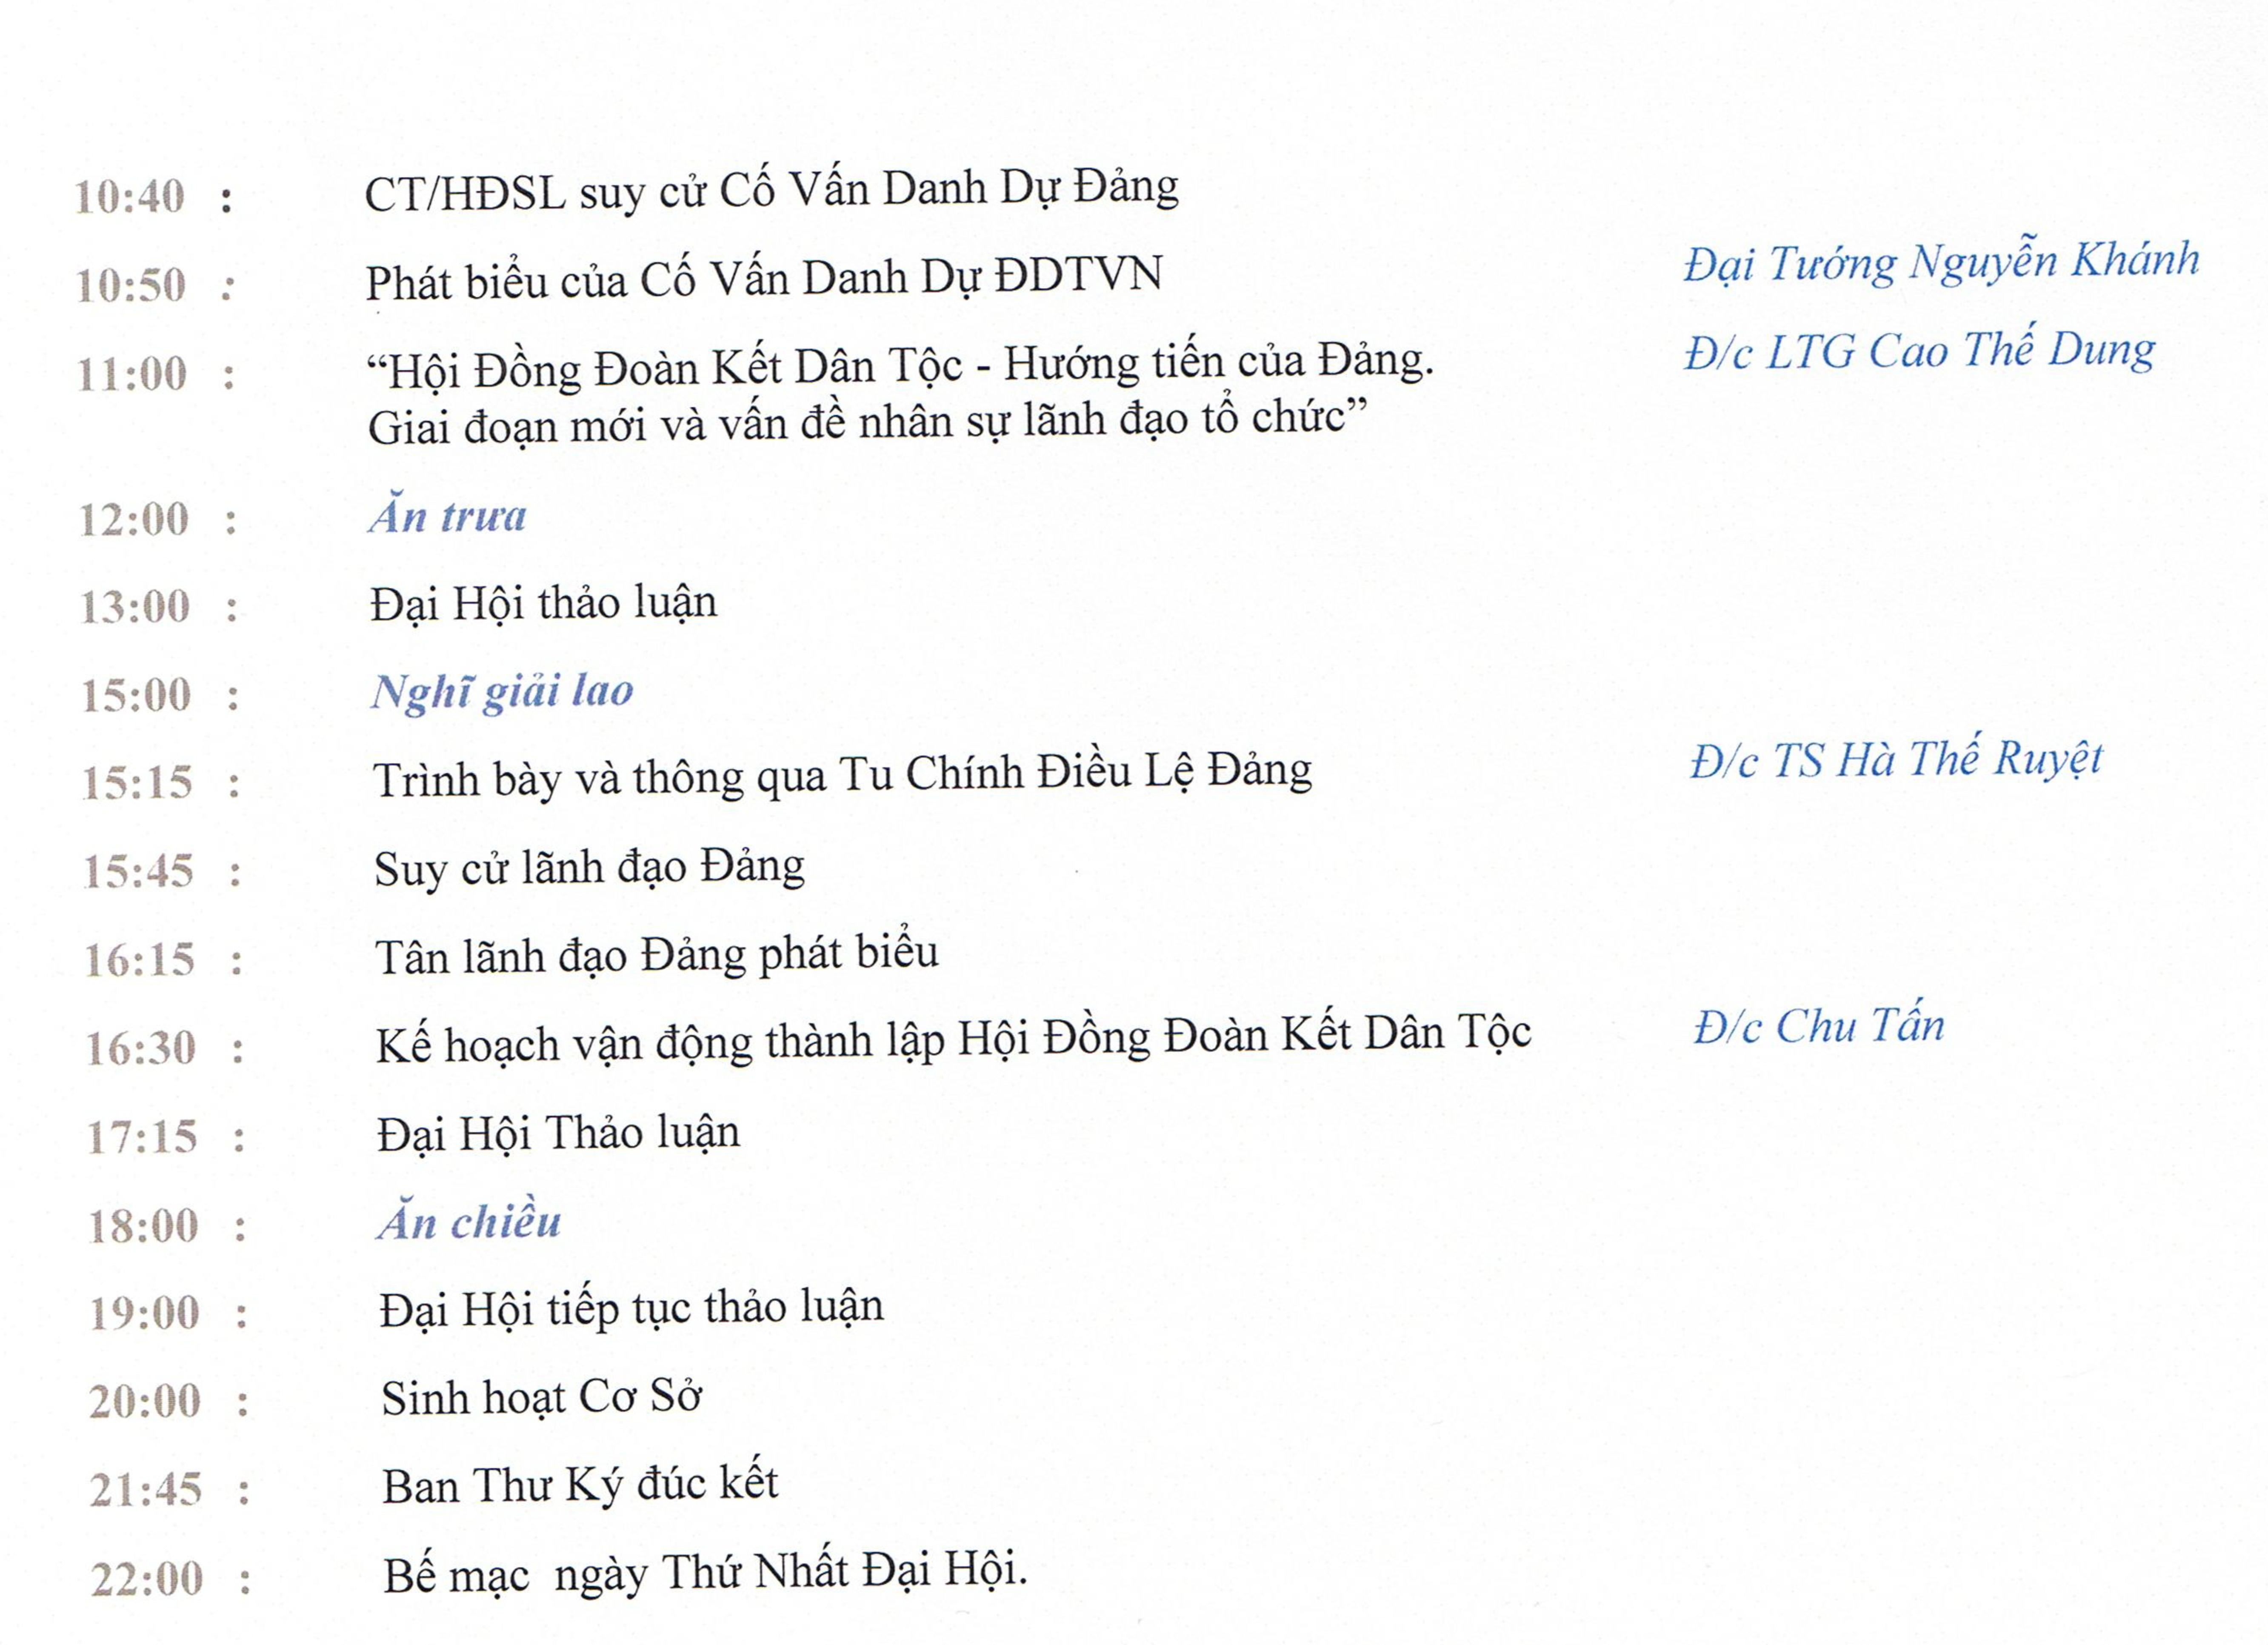 Chuong trinh DHD